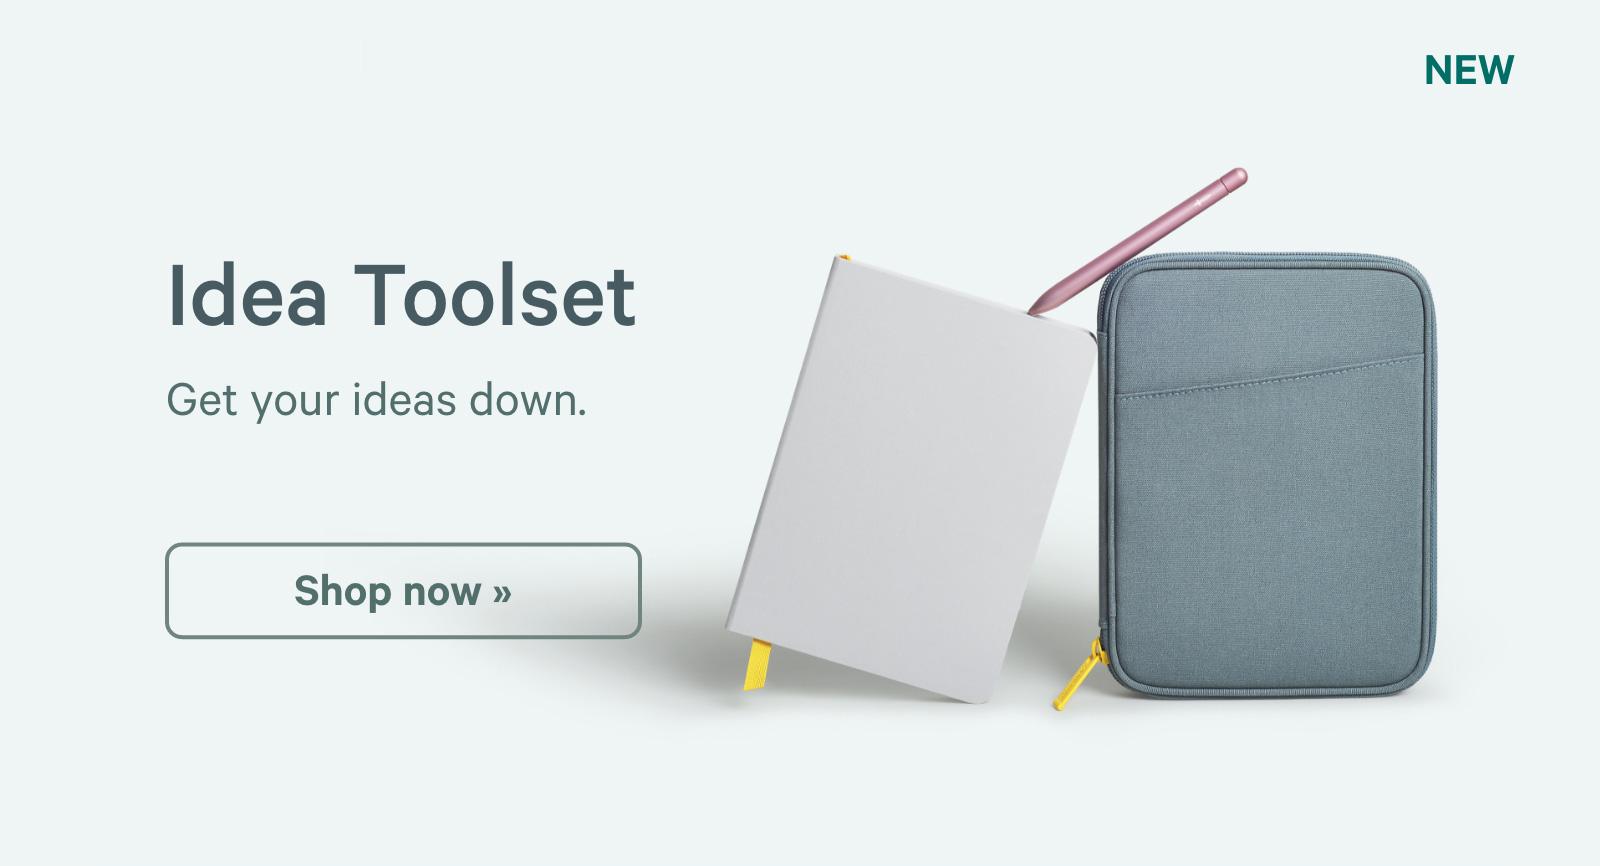 Idea Toolset. Get your ideas down. Shop now ?